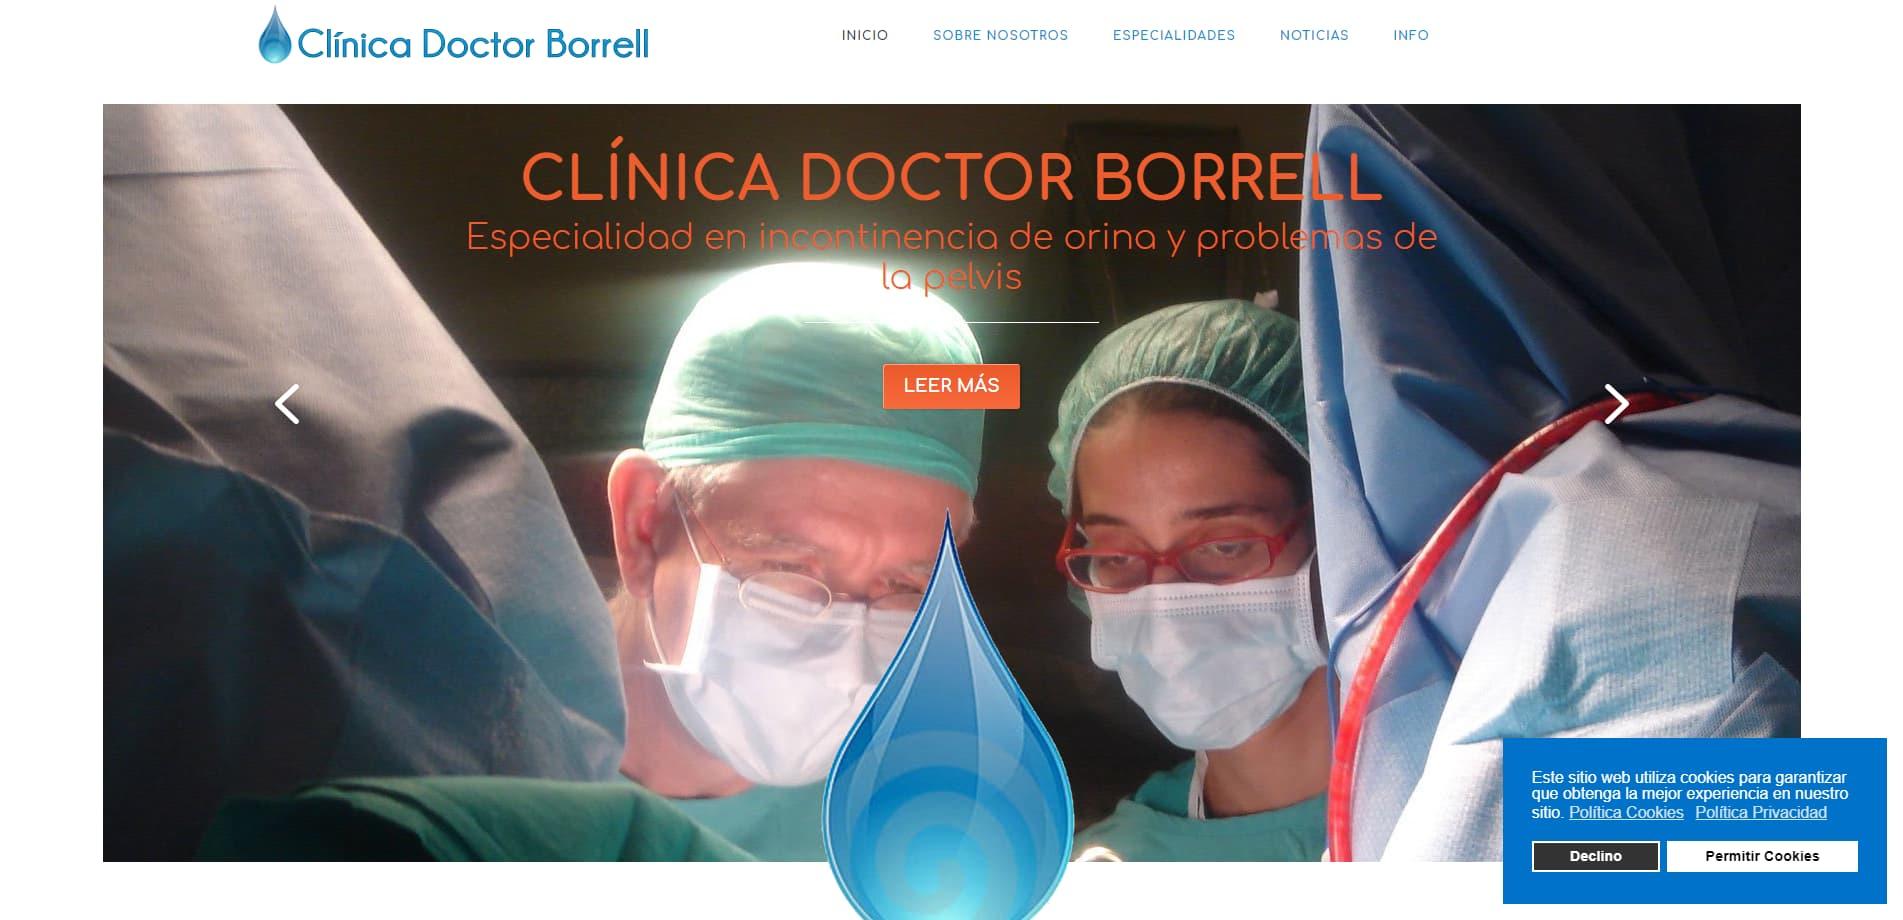 Clínica Doctor Borrell